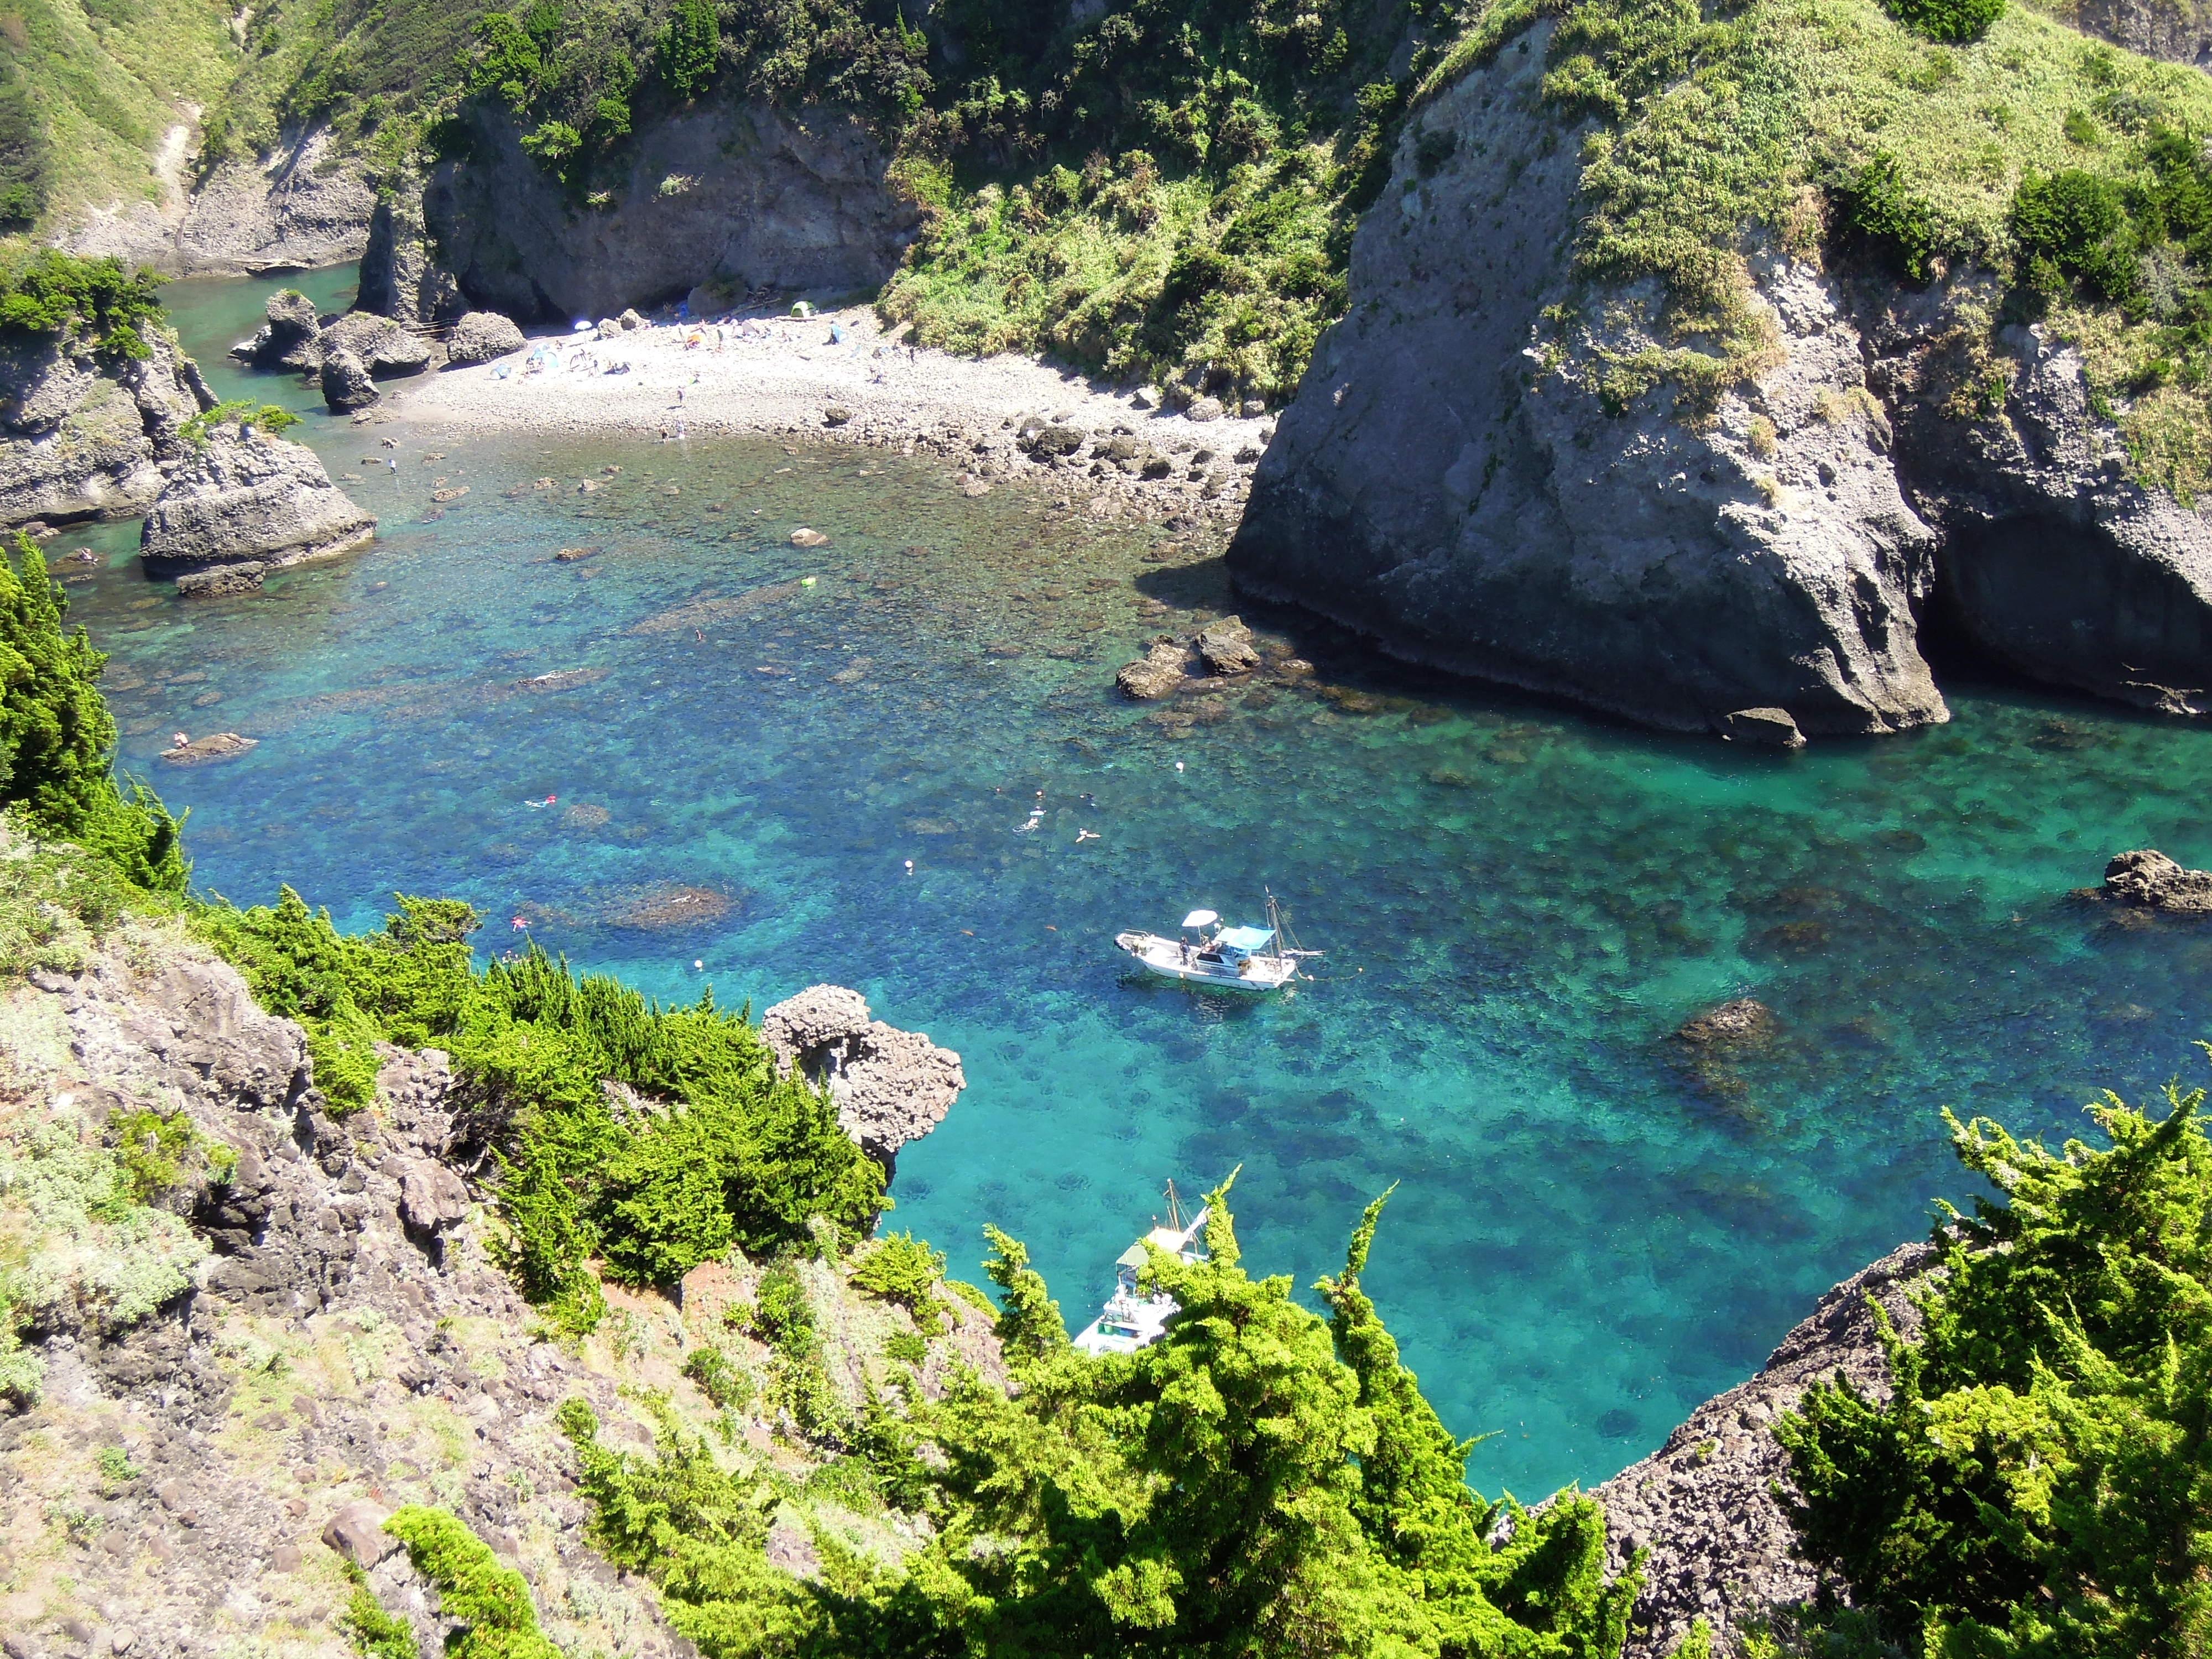 今年も観光協会主催のヒリゾ浜海水浴ツアー開催!オプショナルツアーはぜひ当店で!